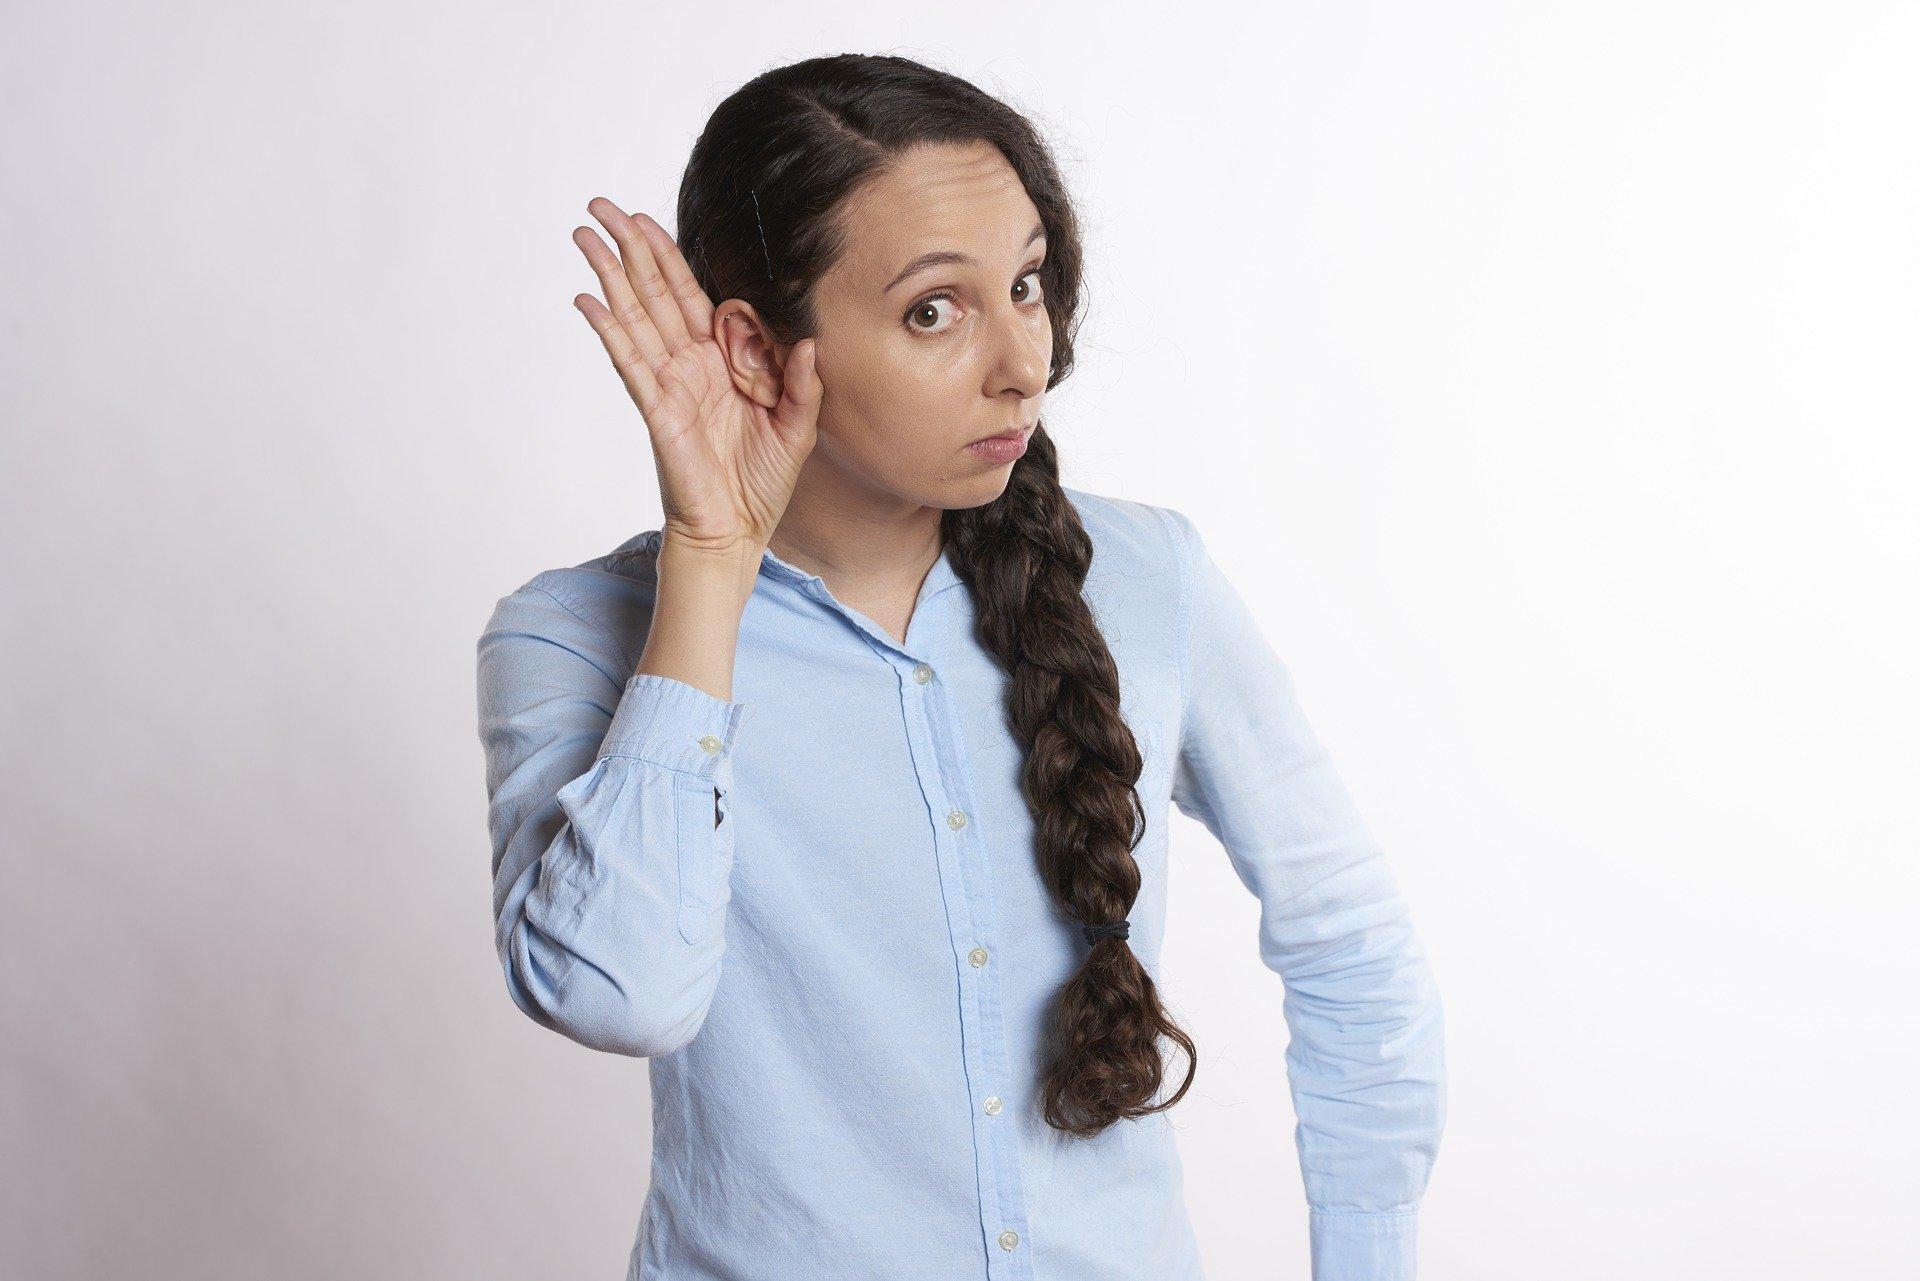 Problemy ze słuchem, które mogą powodować, że trzeba kupić aparat słuchowy